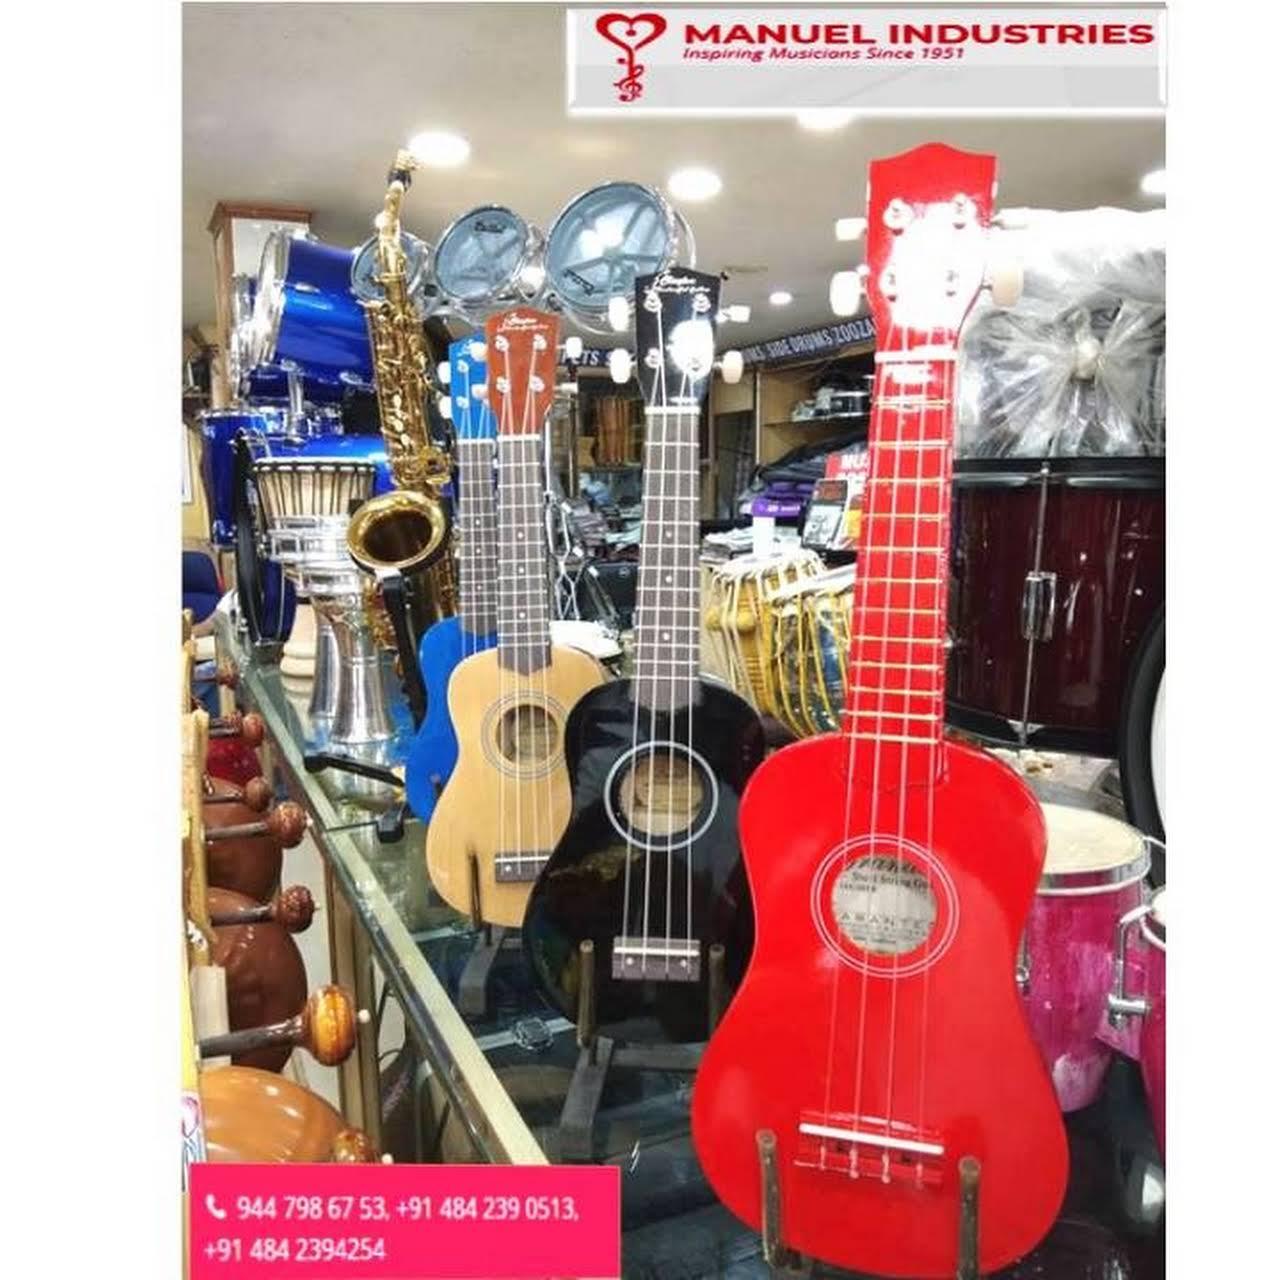 manuel industries മാനുവൽ ഇൻഡസ്ട്രീസ് - musical